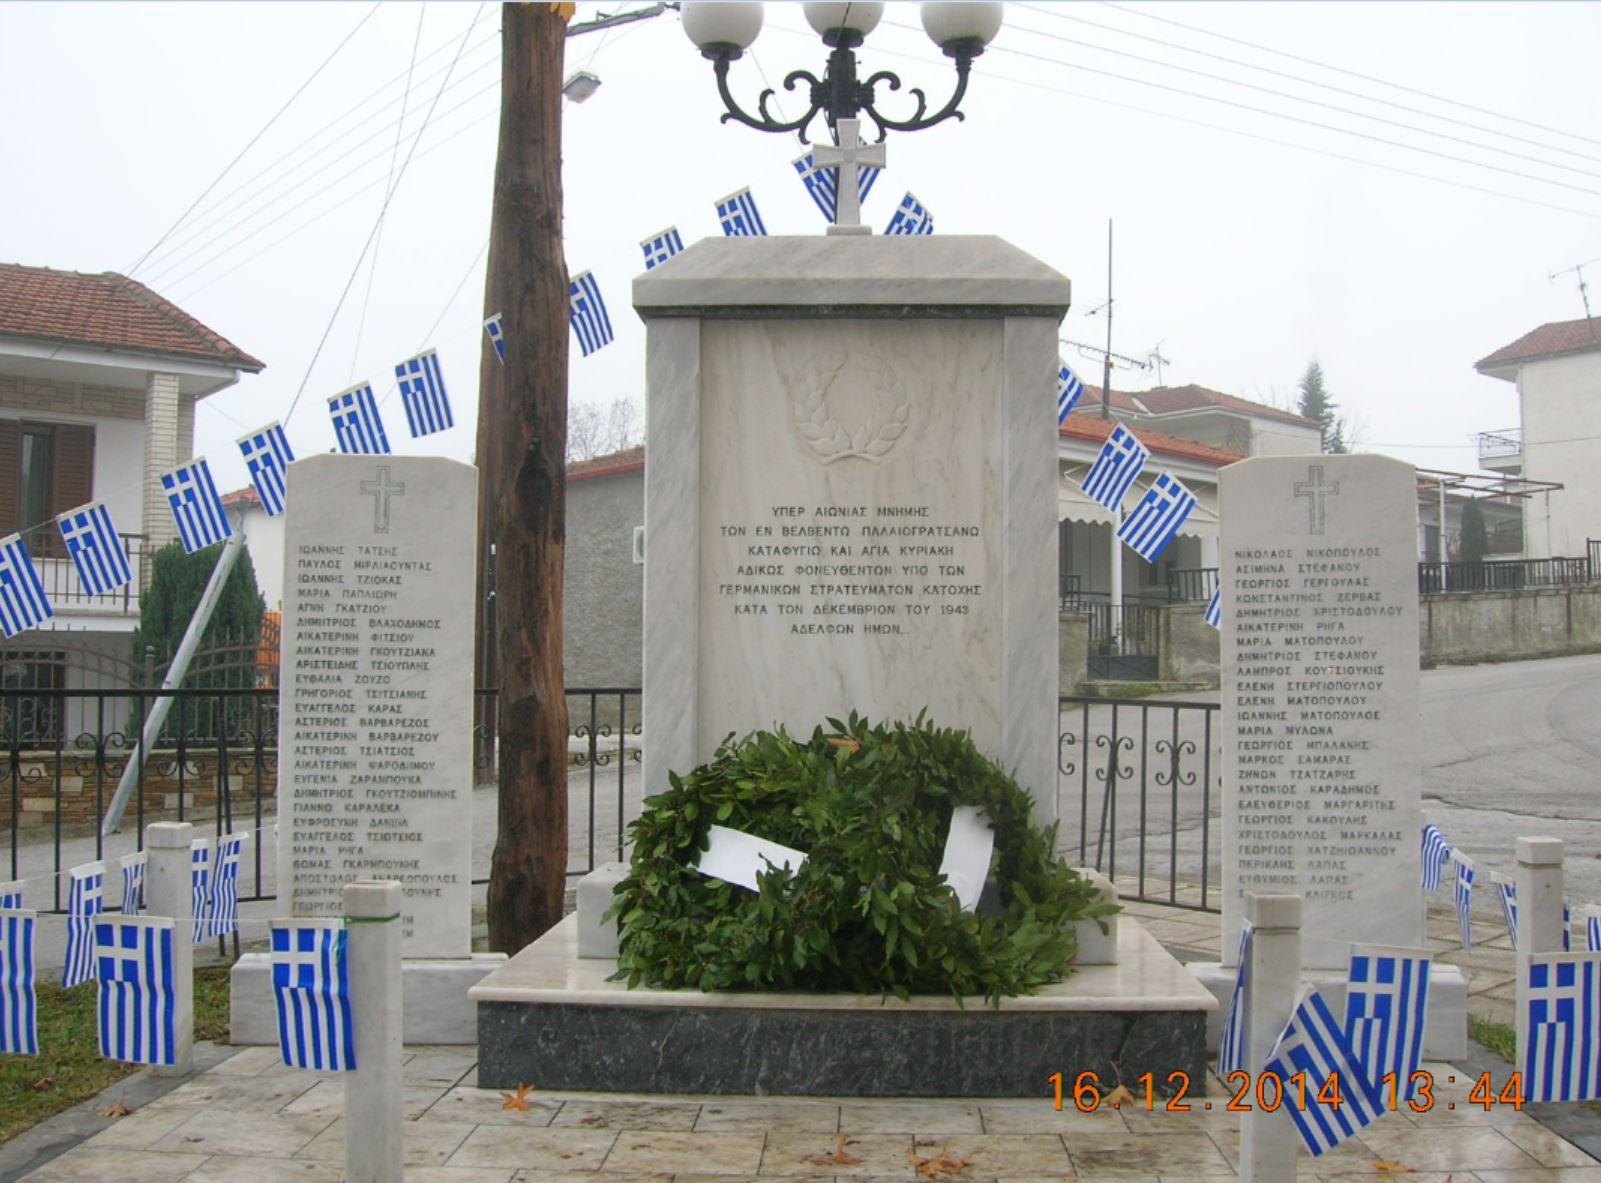 Ανακοίνωση – Πρόσκληση  ''Ολοκαύτωμα 1943 – Ημέρα Μνήμης 2016''  στον Ιερό Ναό του Αγίου Διονυσίου Βελβεντού